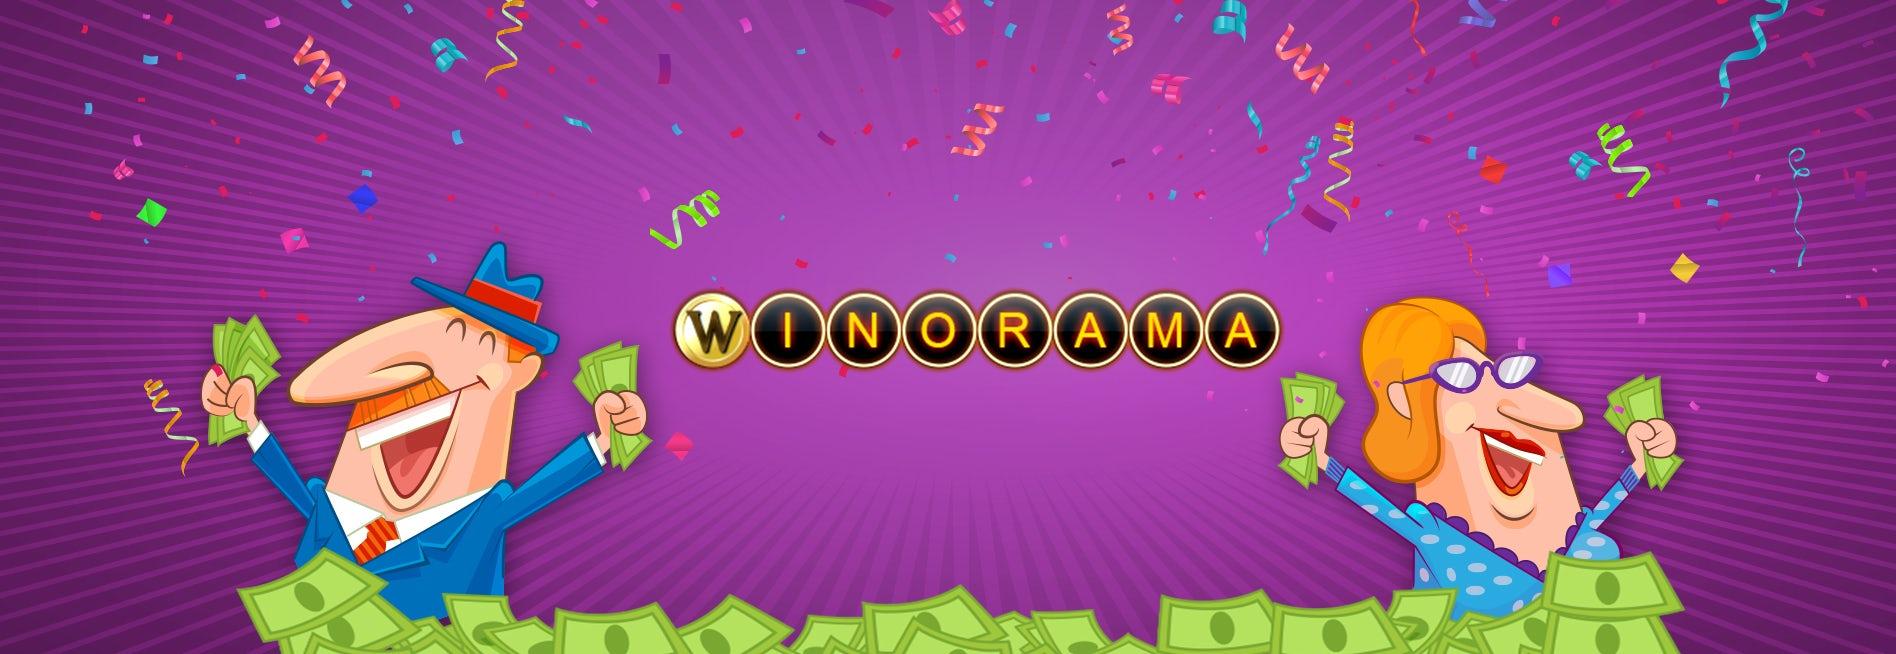 Winorama casino avis : s'y inscrire est une bonne ou une mauvaise idée ?